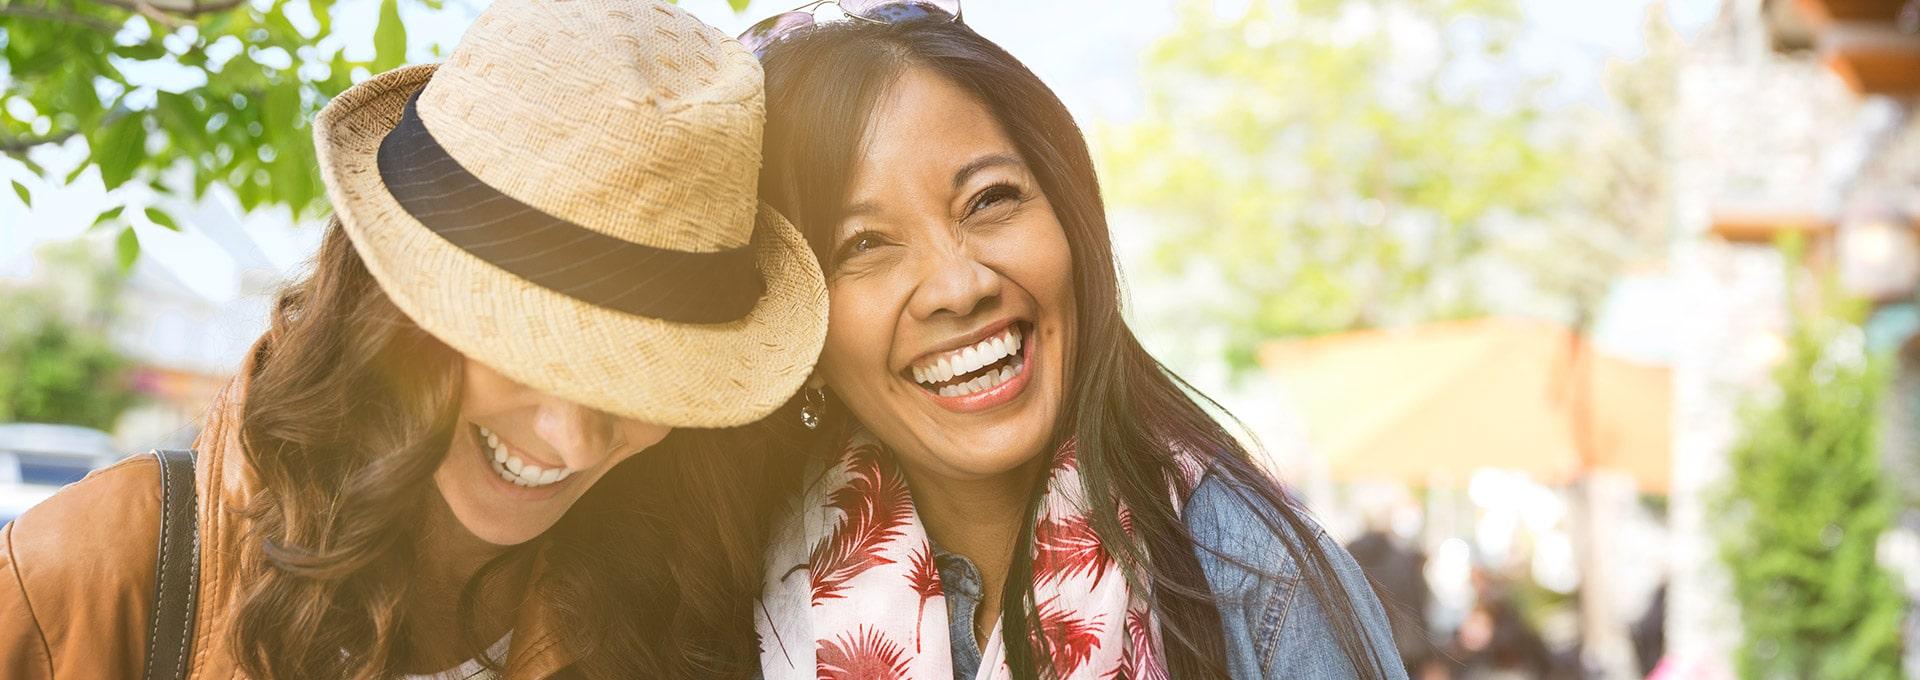 Idąca ulicą kobieta w kapeluszu cieszy się z braku sprzężenia zwrotnego dzięki nowemu systemowi Dynamic Feedback Canceller.